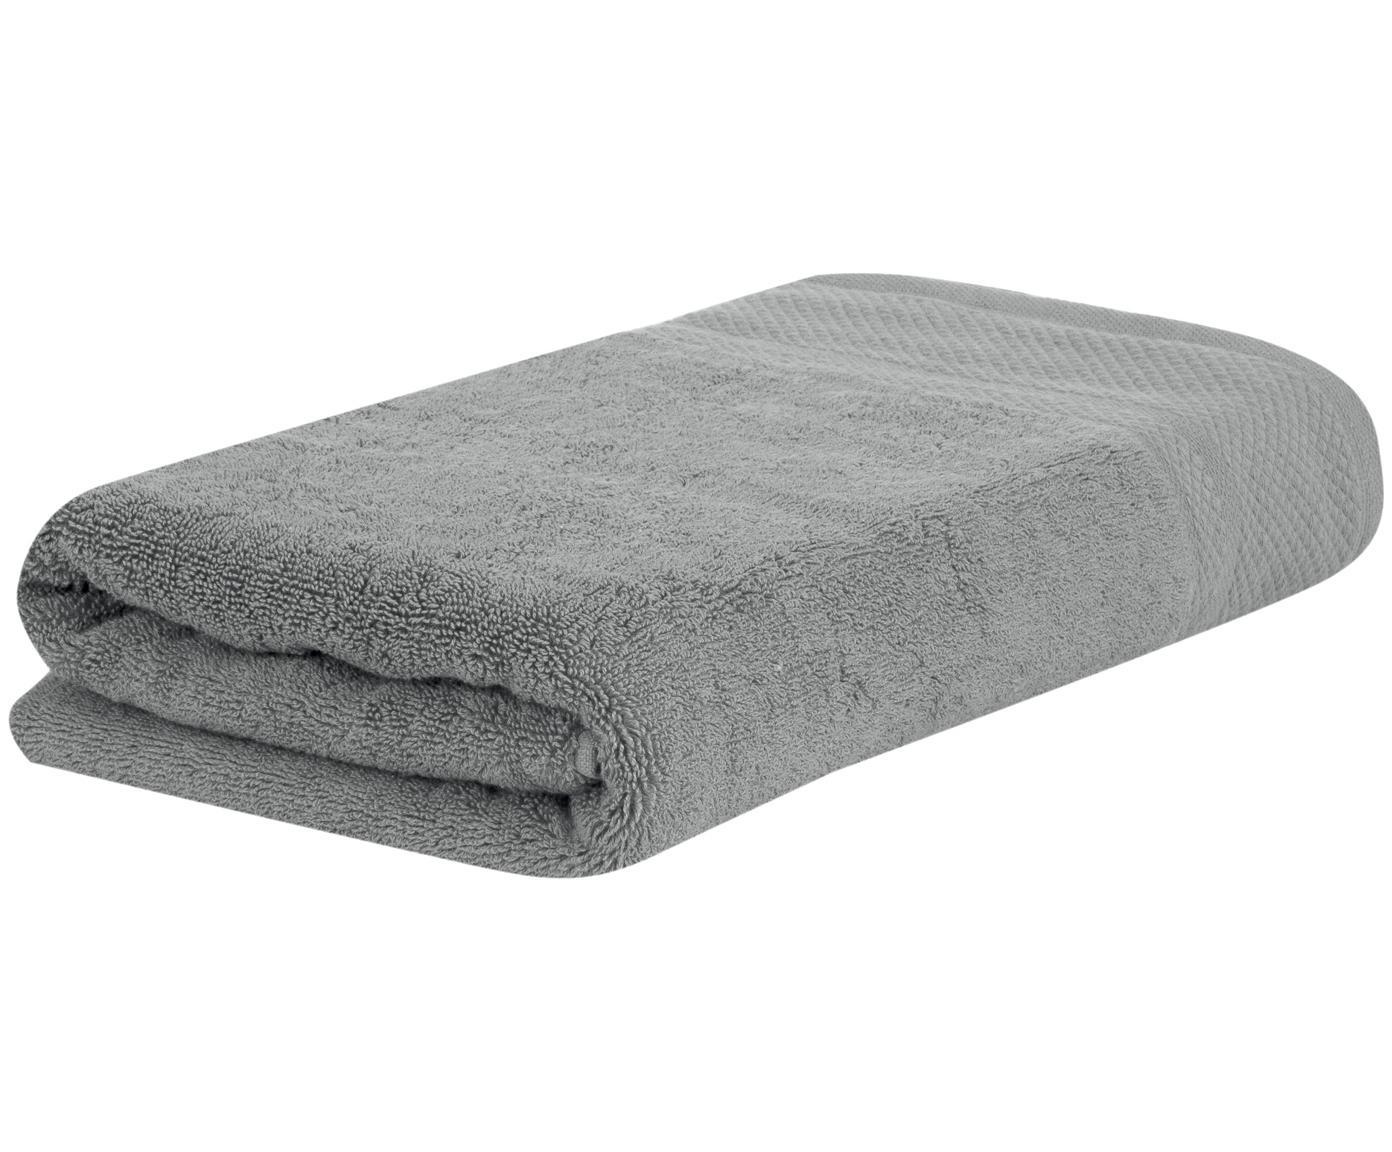 Handdoek Premium, 100% katoen, zware kwaliteit, 600 g/m², Donkergrijs, XS gastenhanddoek